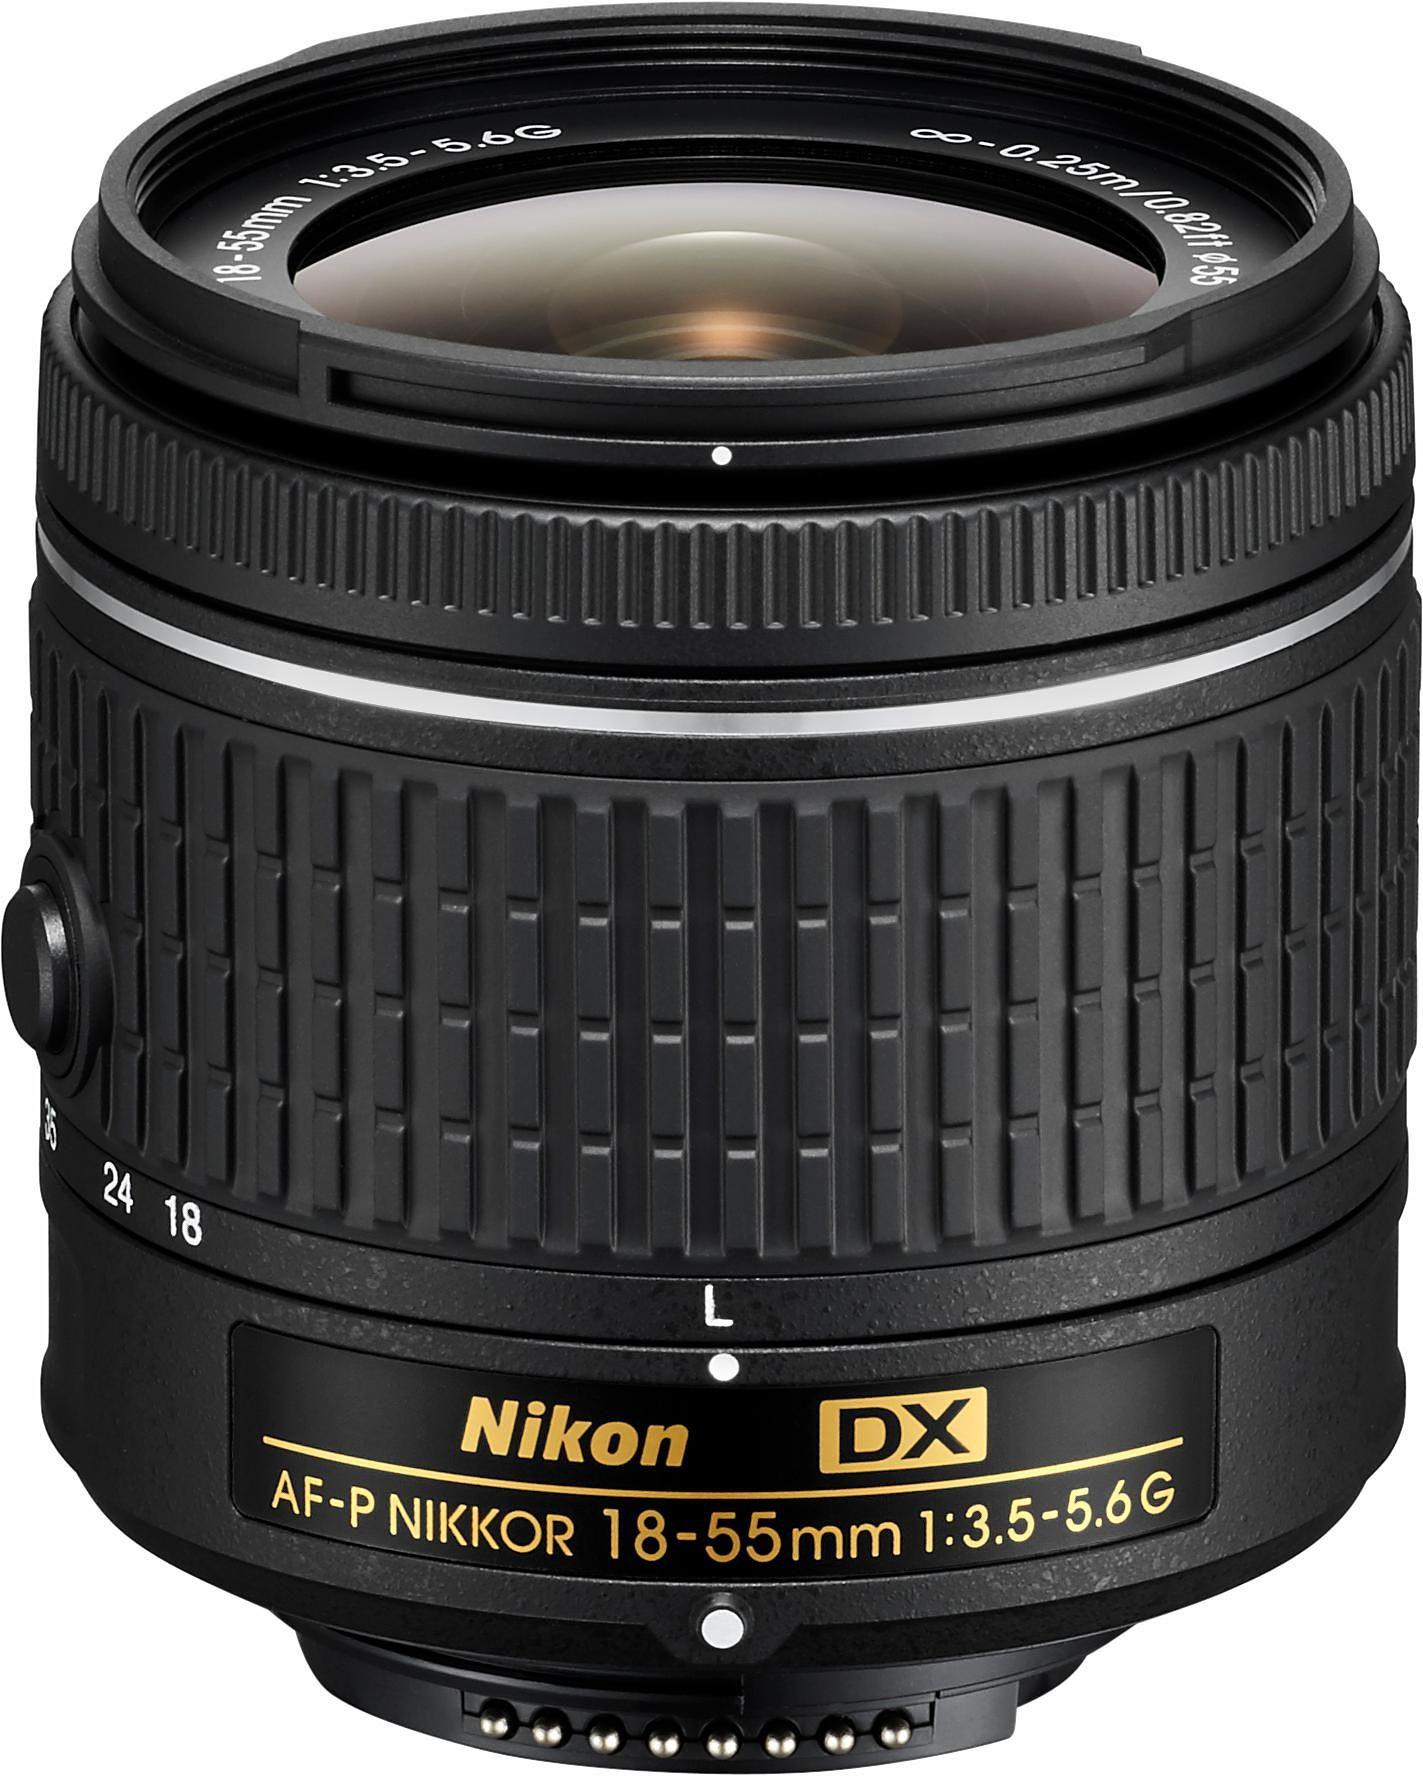 NIKON AF-P DX NIKKOR 18-55 mm 1:3,5-5,6 G Standardzoom Objektiv